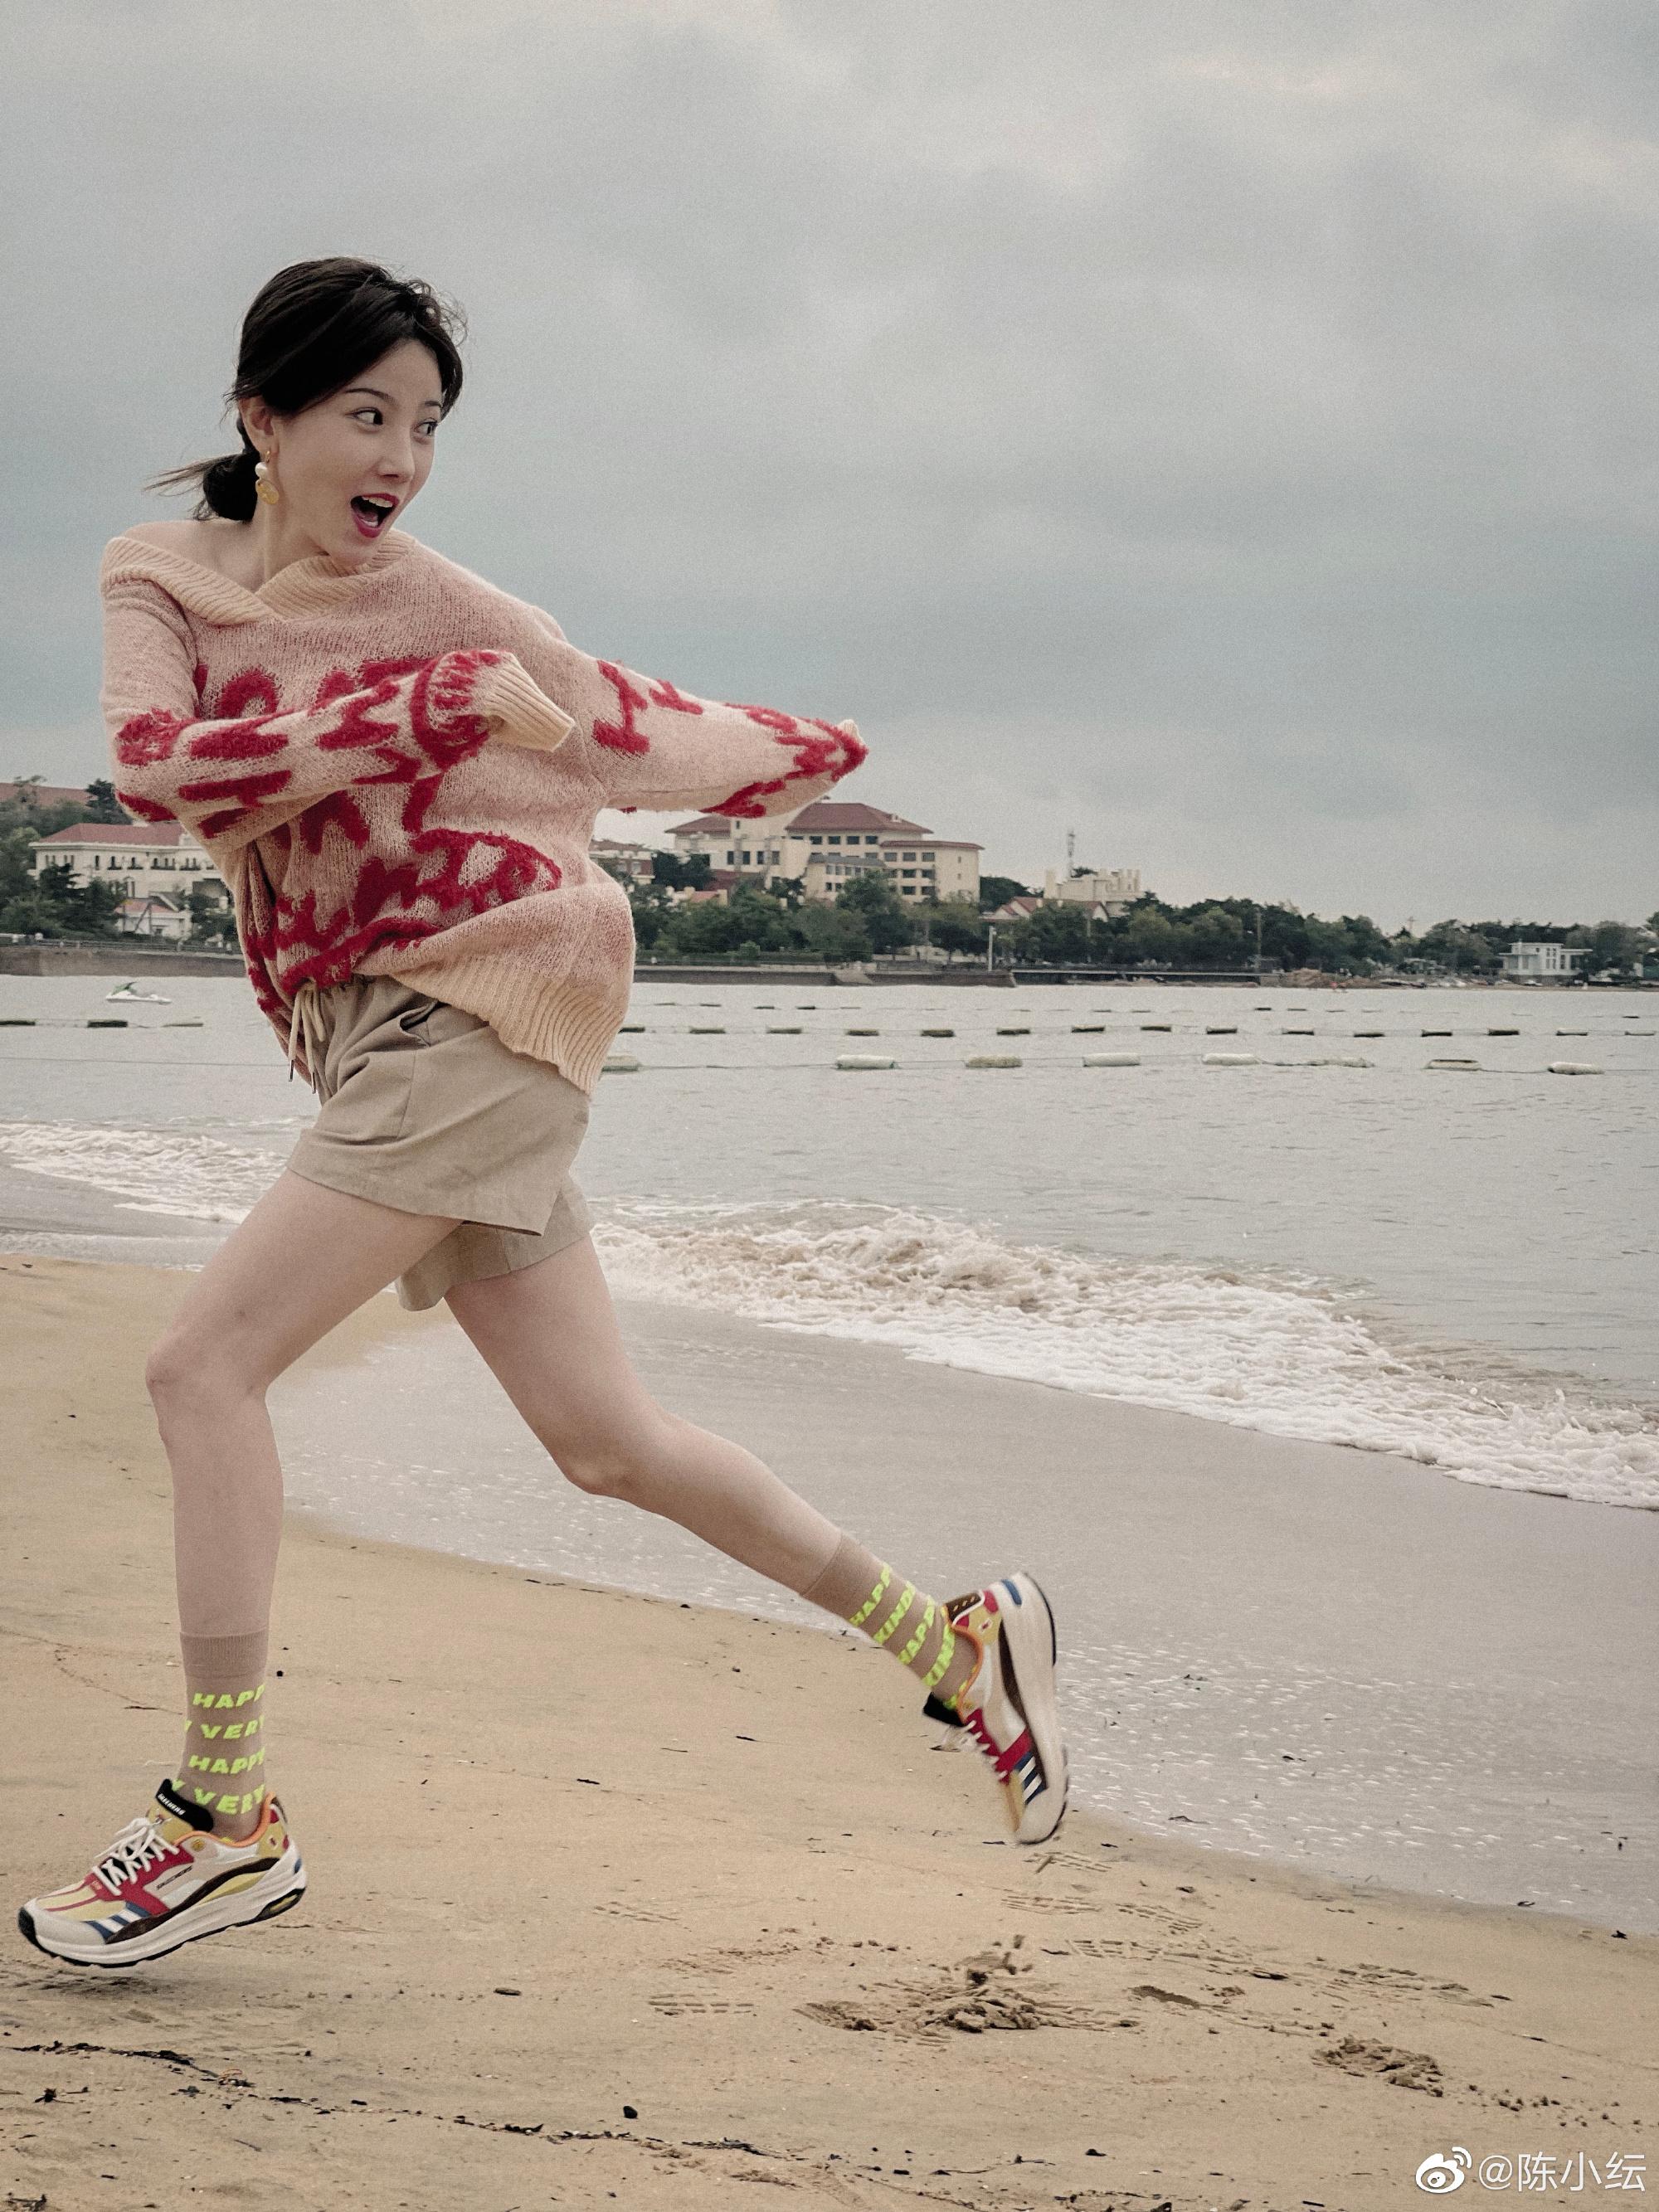 陳小紜穿斜肩毛衣在海邊拍寫真,畫風清涼顏值超高,網友:好漂亮-圖3